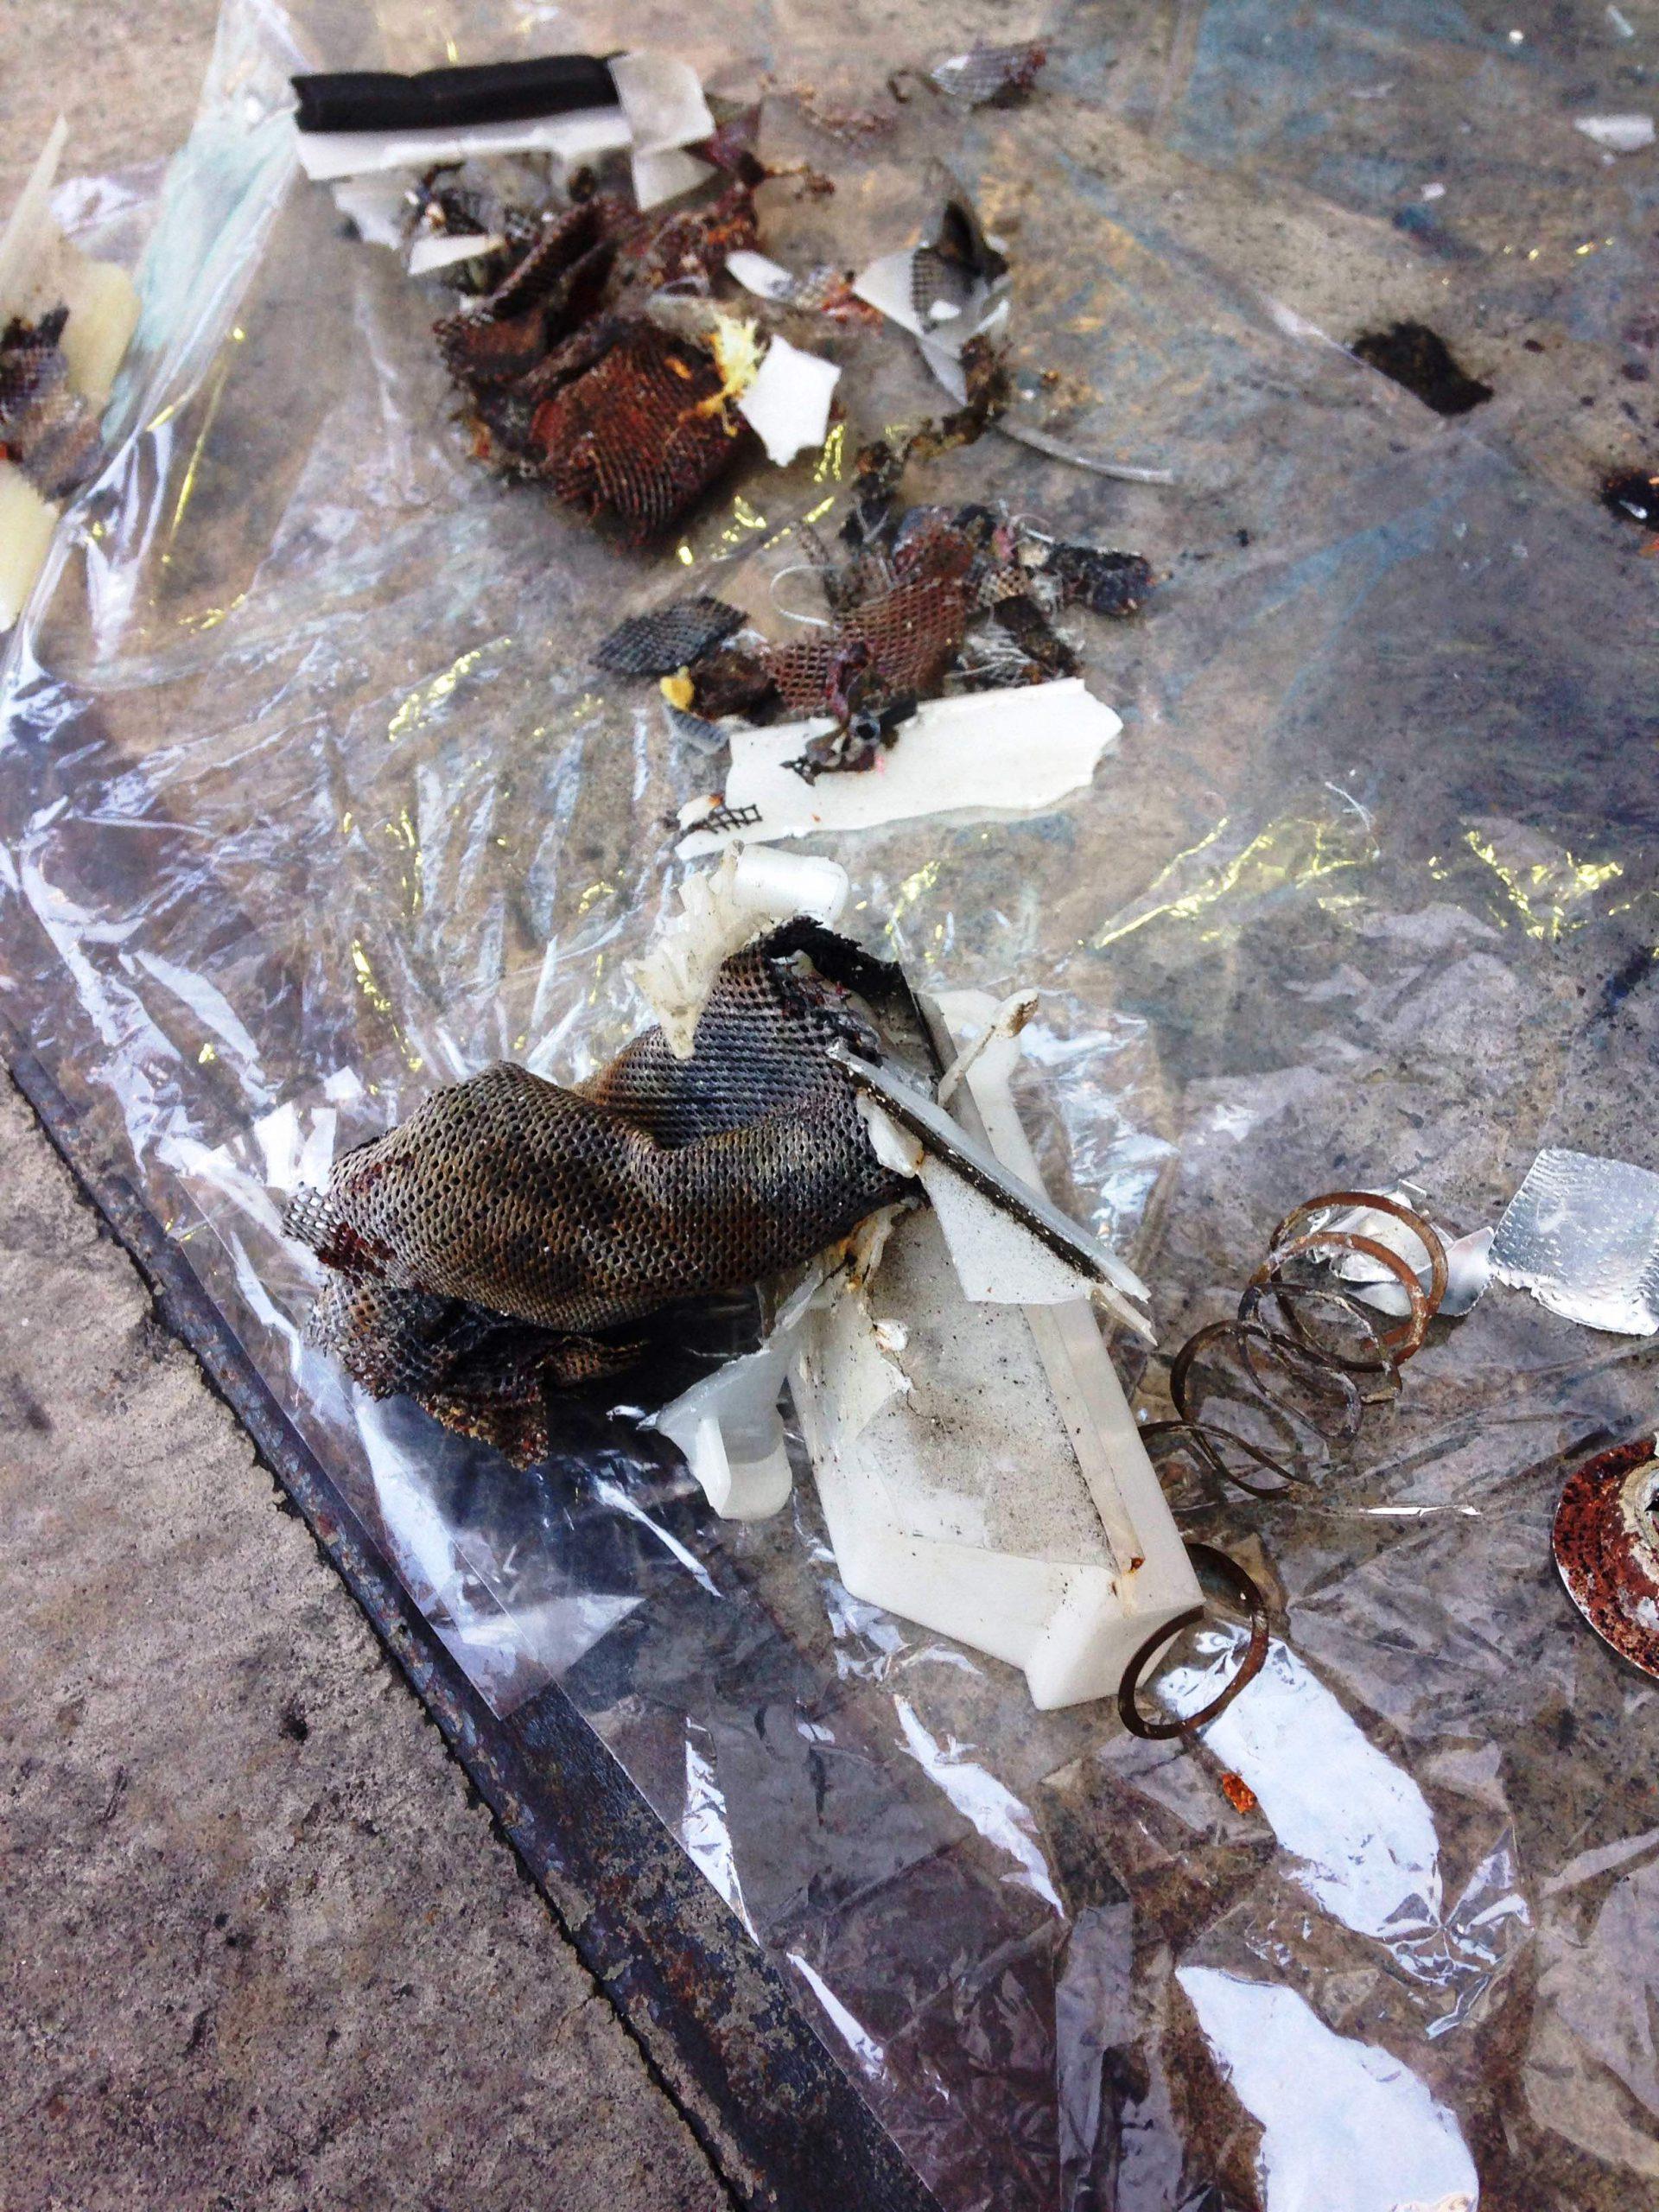 暴発したインフレーターの内部部品に欠品が無いかを丹念に確認しました